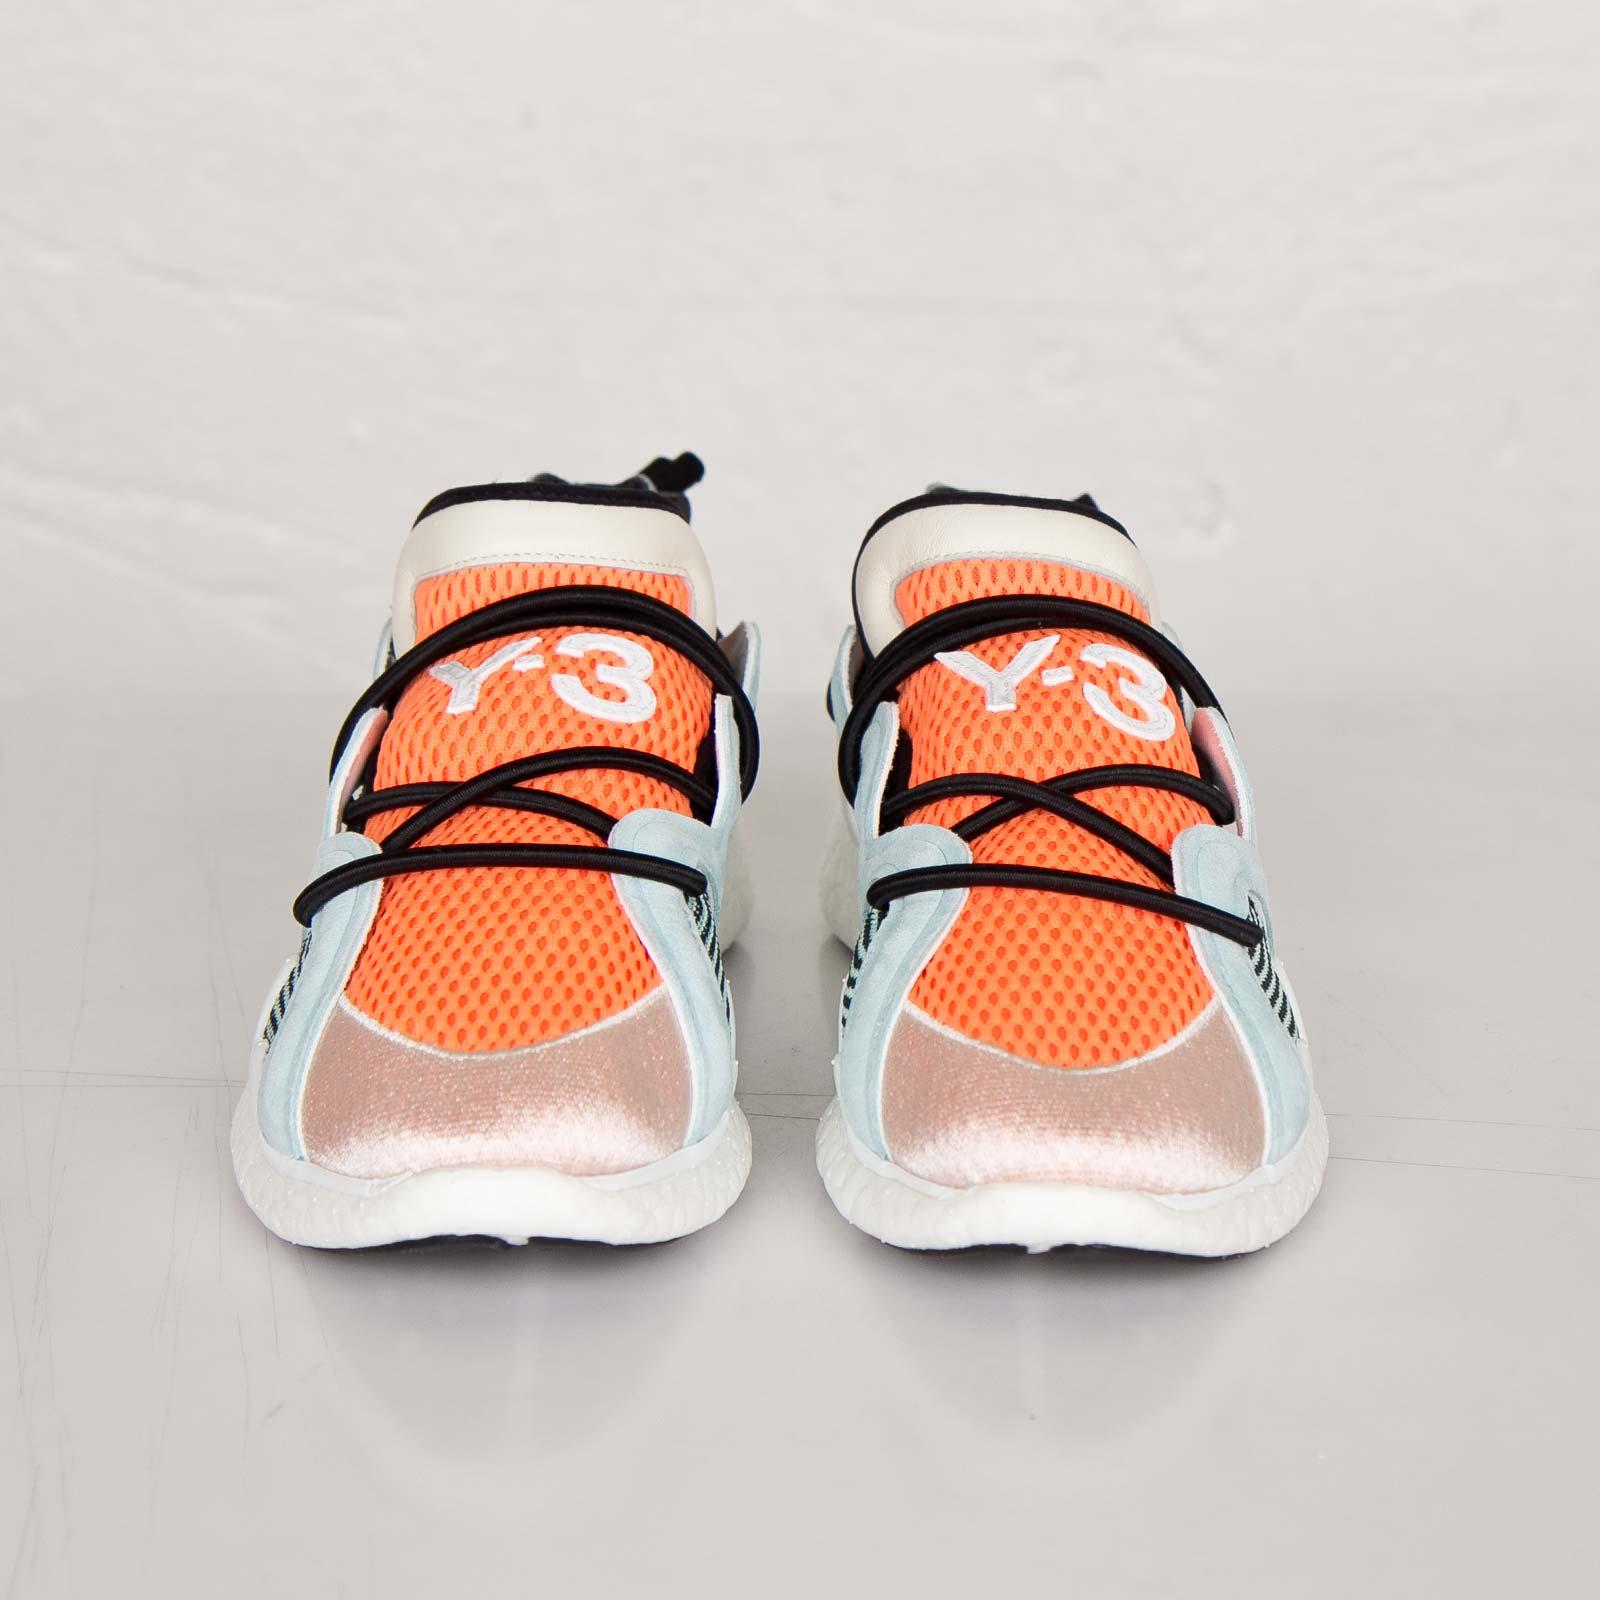 6f3e074165da1 adidas Y-3 Toggle Boost - B26335 - Sneakersnstuff